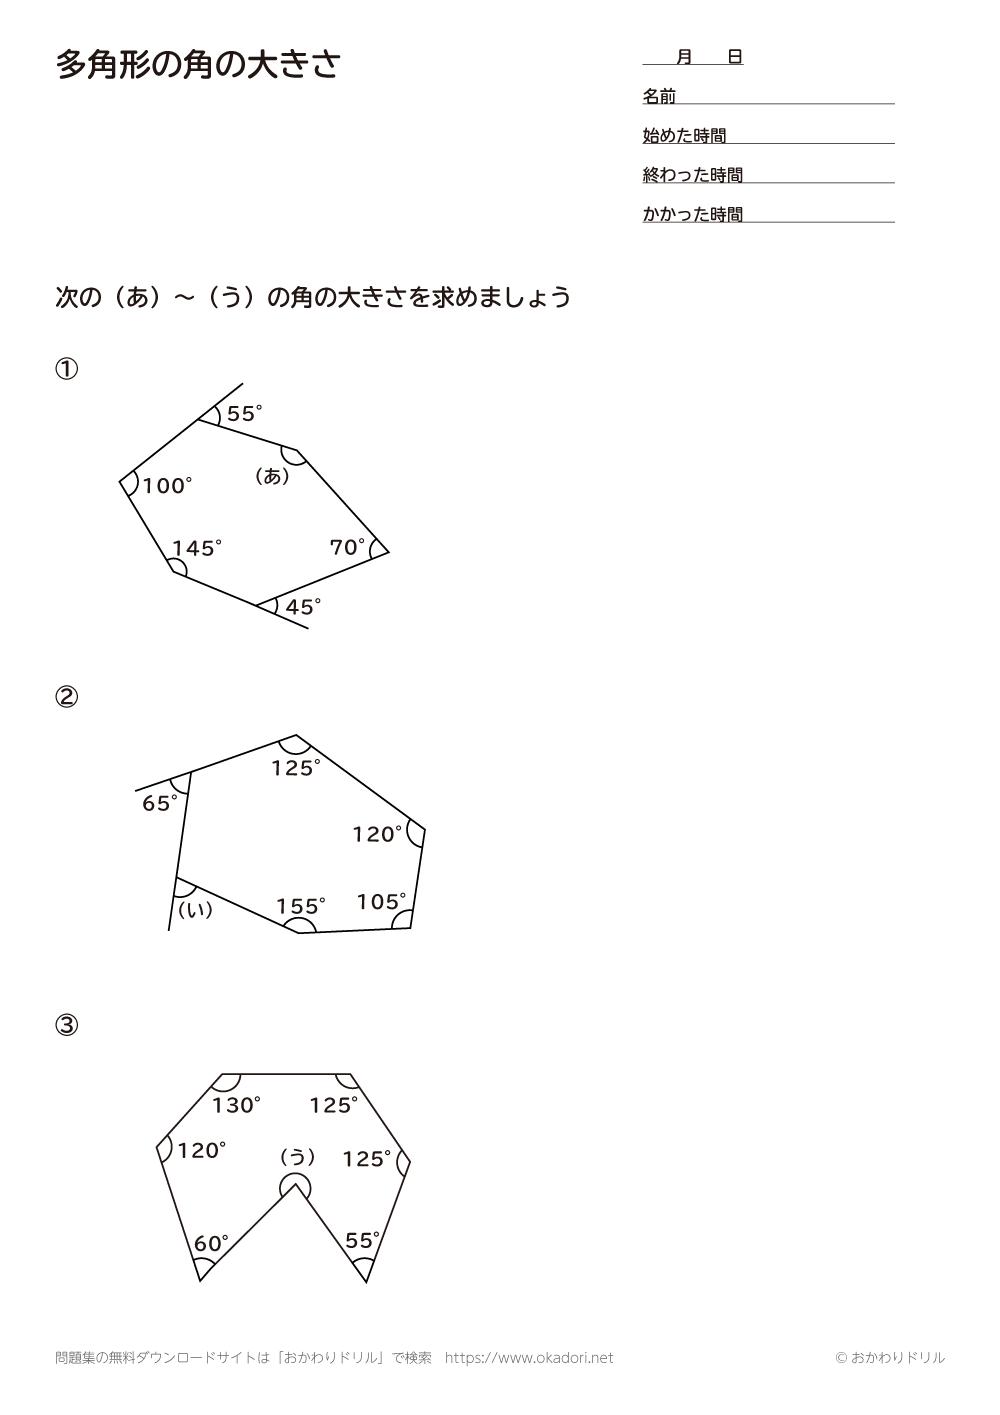 多角形の角の大きさ6